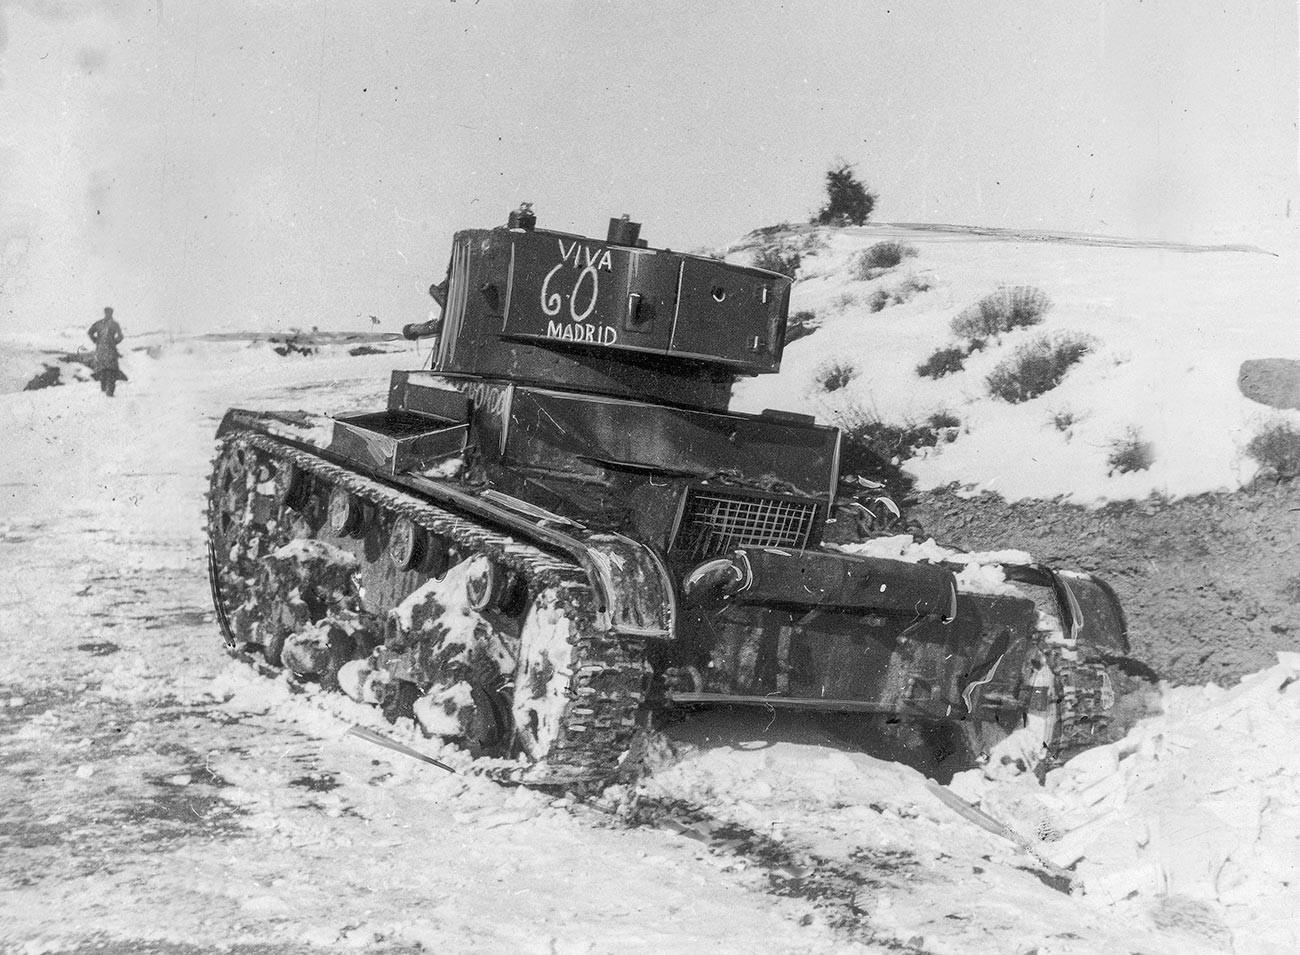 Tanque republicano T-26 durante a Batalha de Teruel.